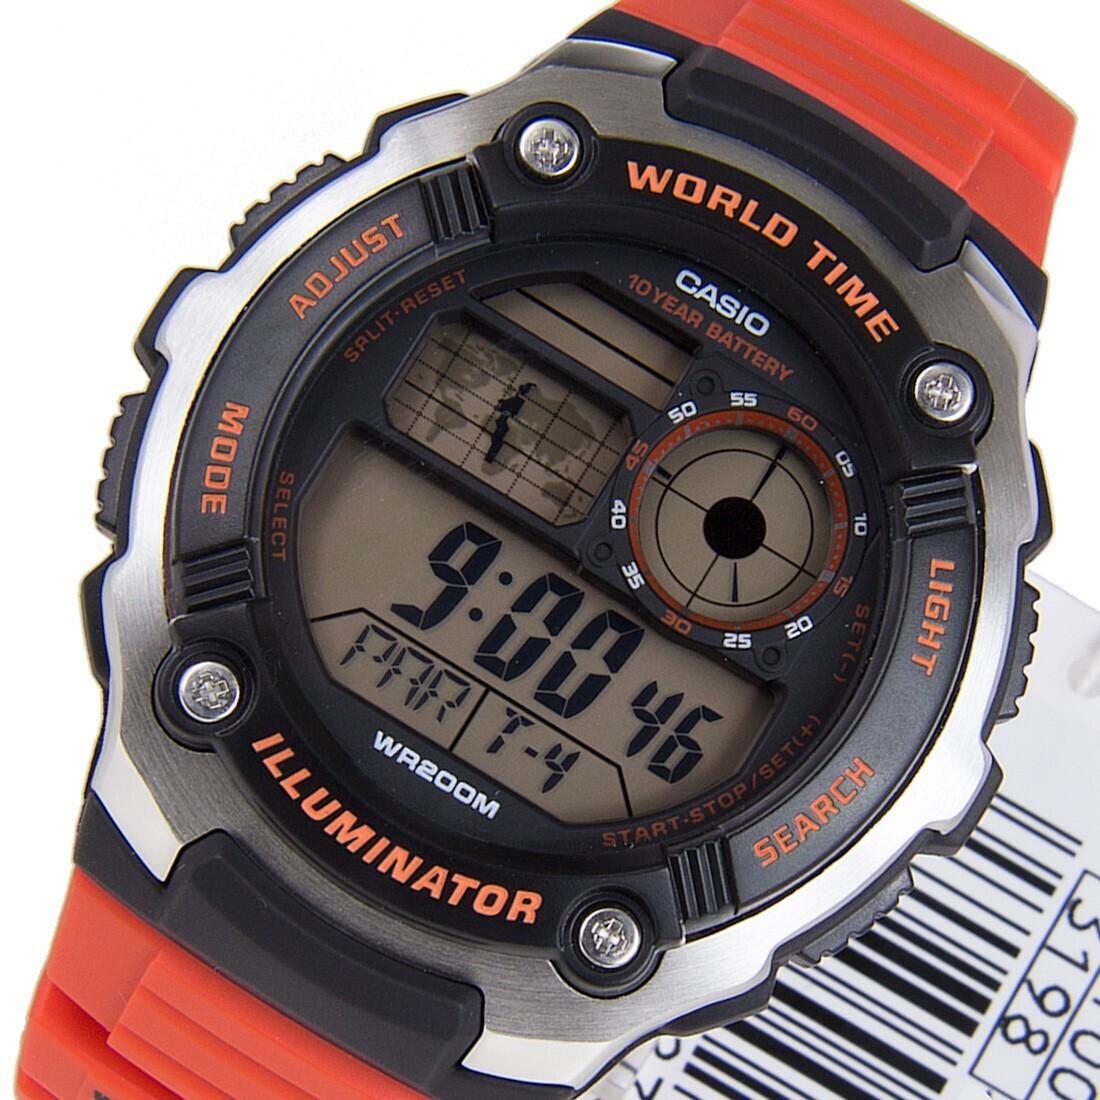 Reloj Casio World Time AE-2100W-4A HOMBRE 10 años batería Hora Mundial Iluminación 200m water resist